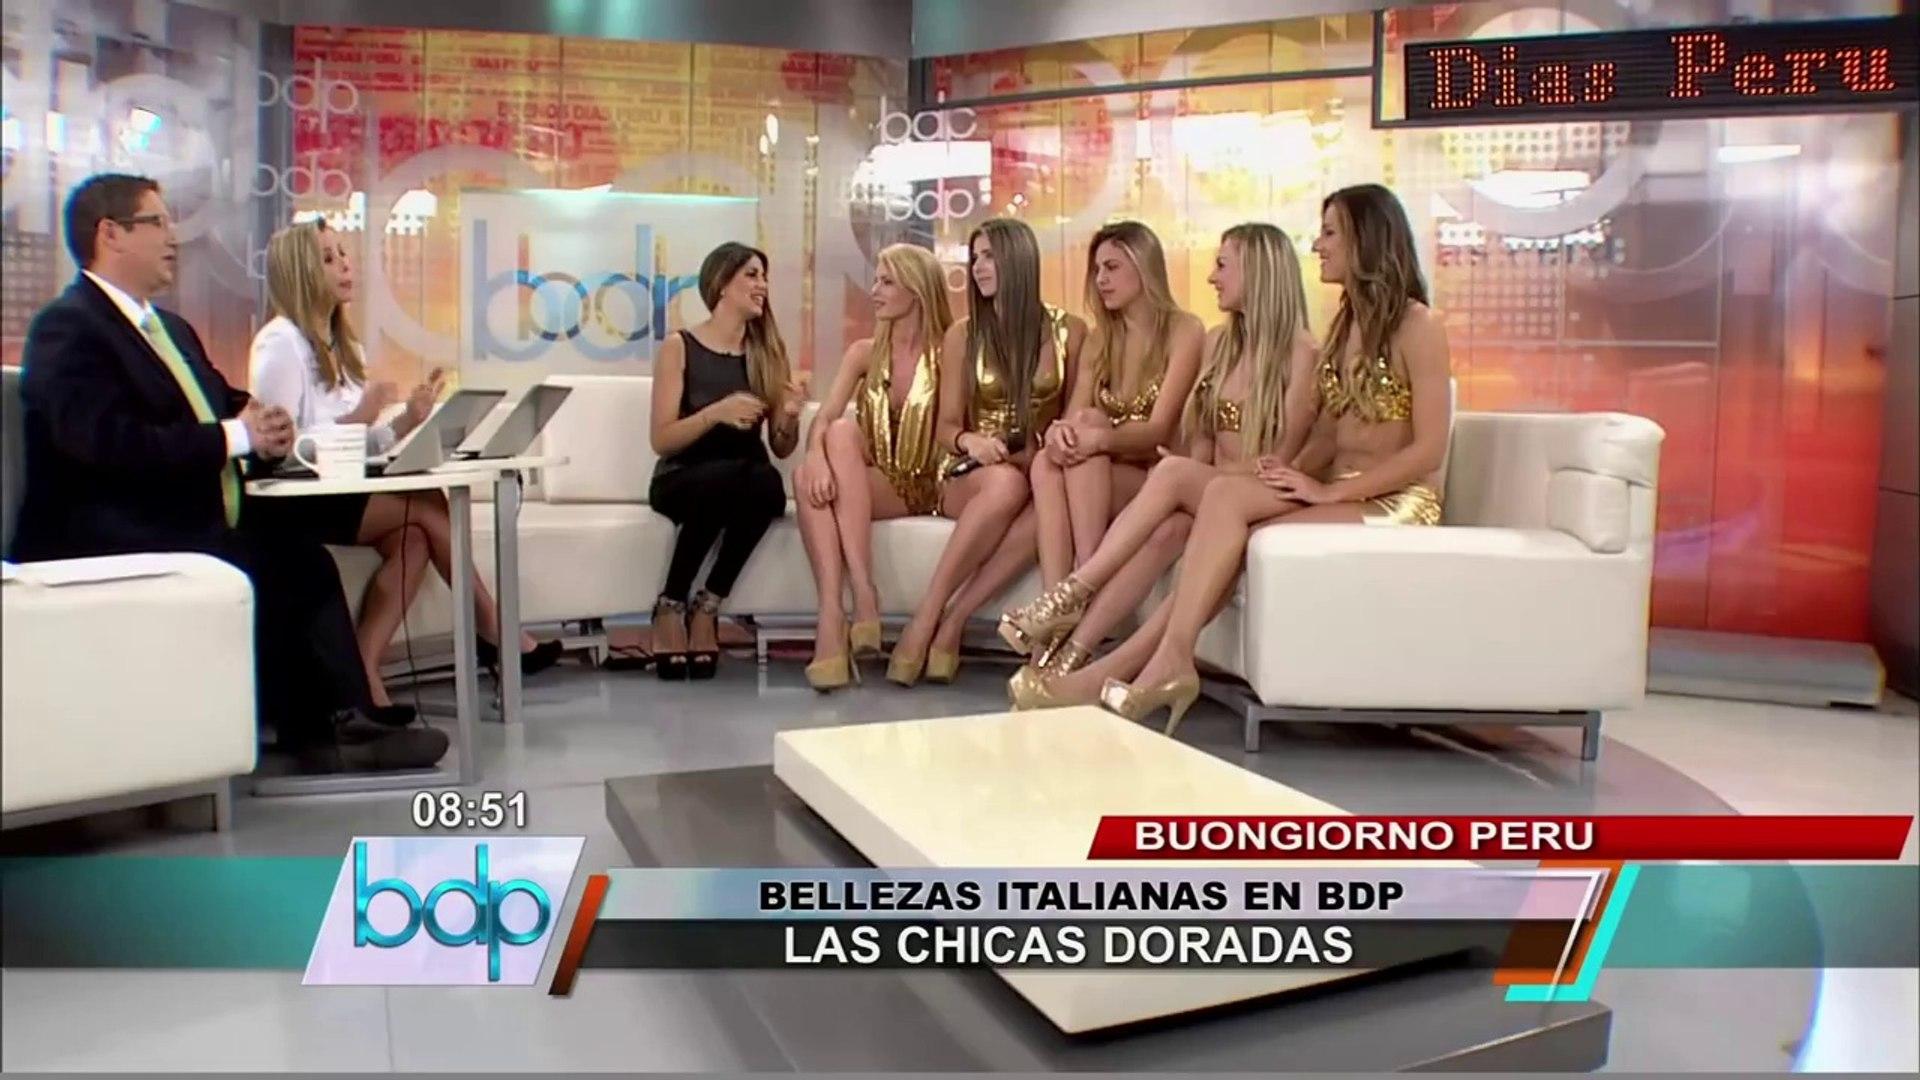 'Chicas Doradas' le declaran la guerra a modelos peruanas: No tienen elegancia (2/3)